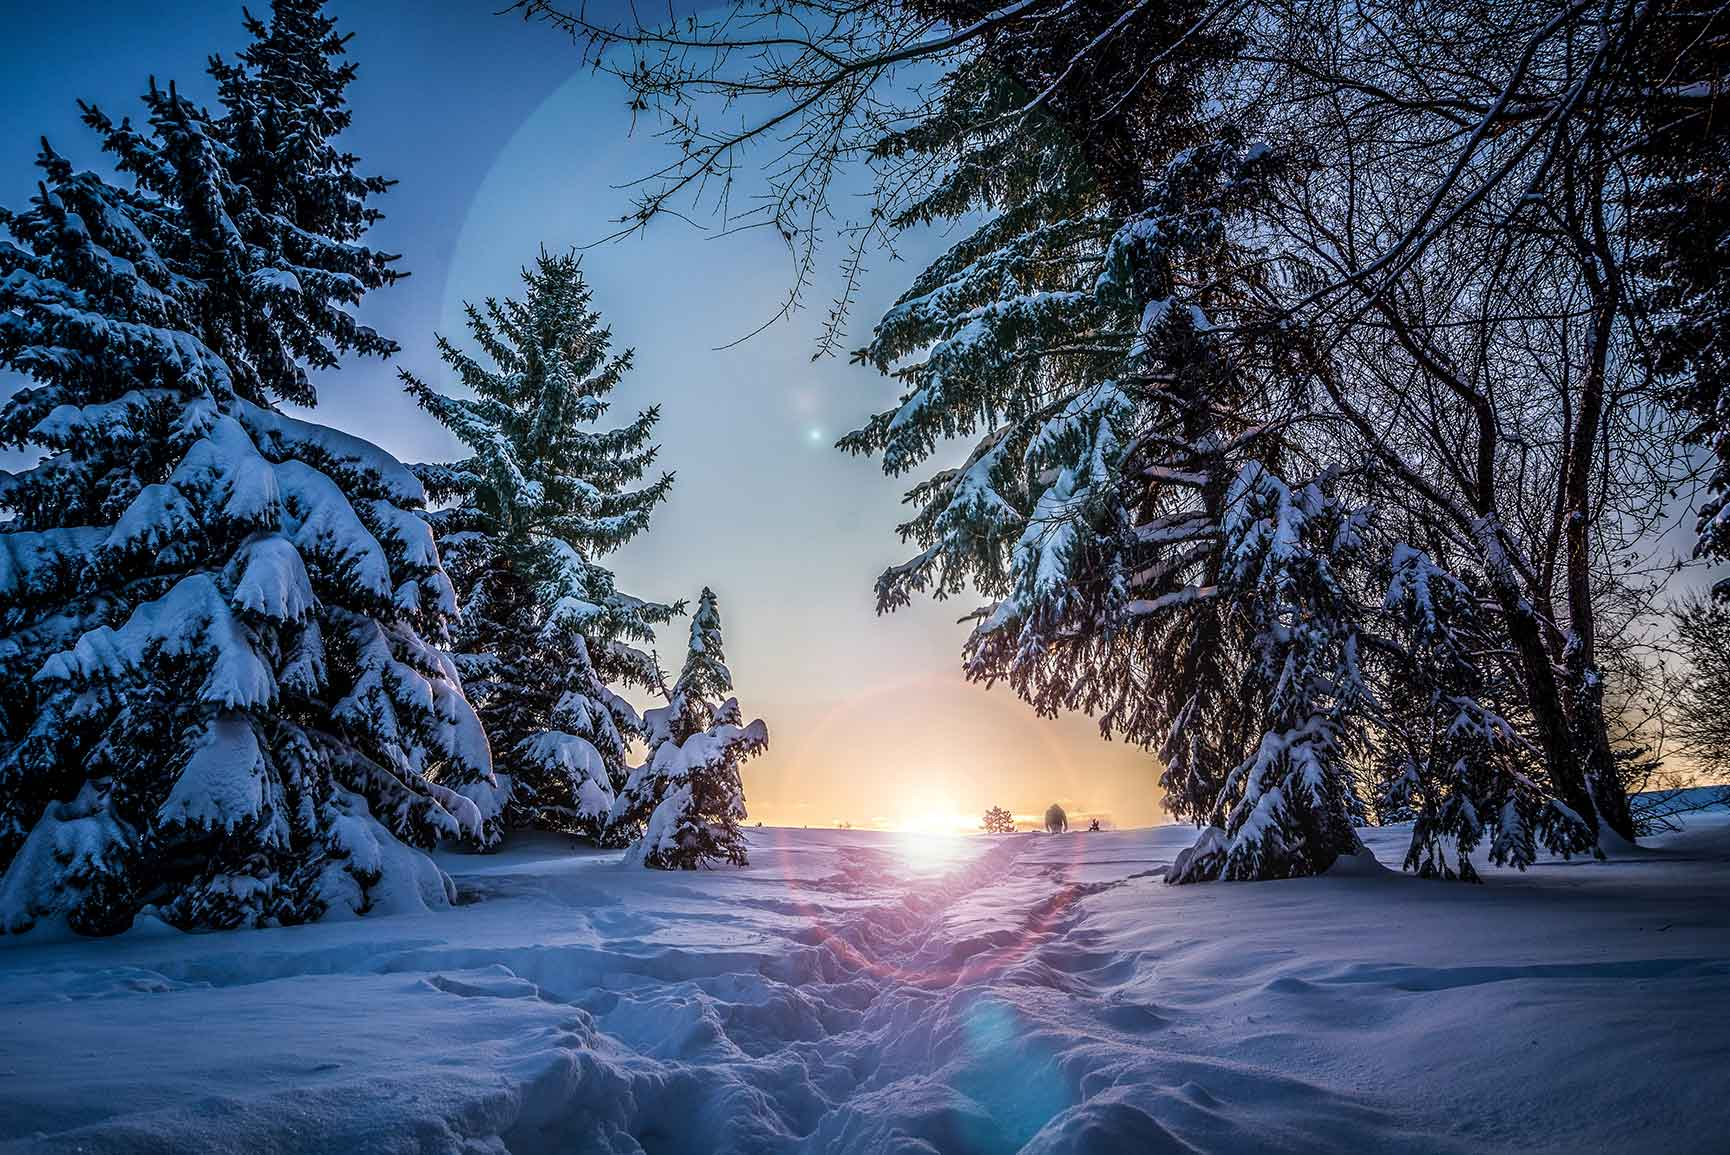 10 x Winter Wonderland iPhone Xs Wallpapers Preppy Wallpapers 1730x1155